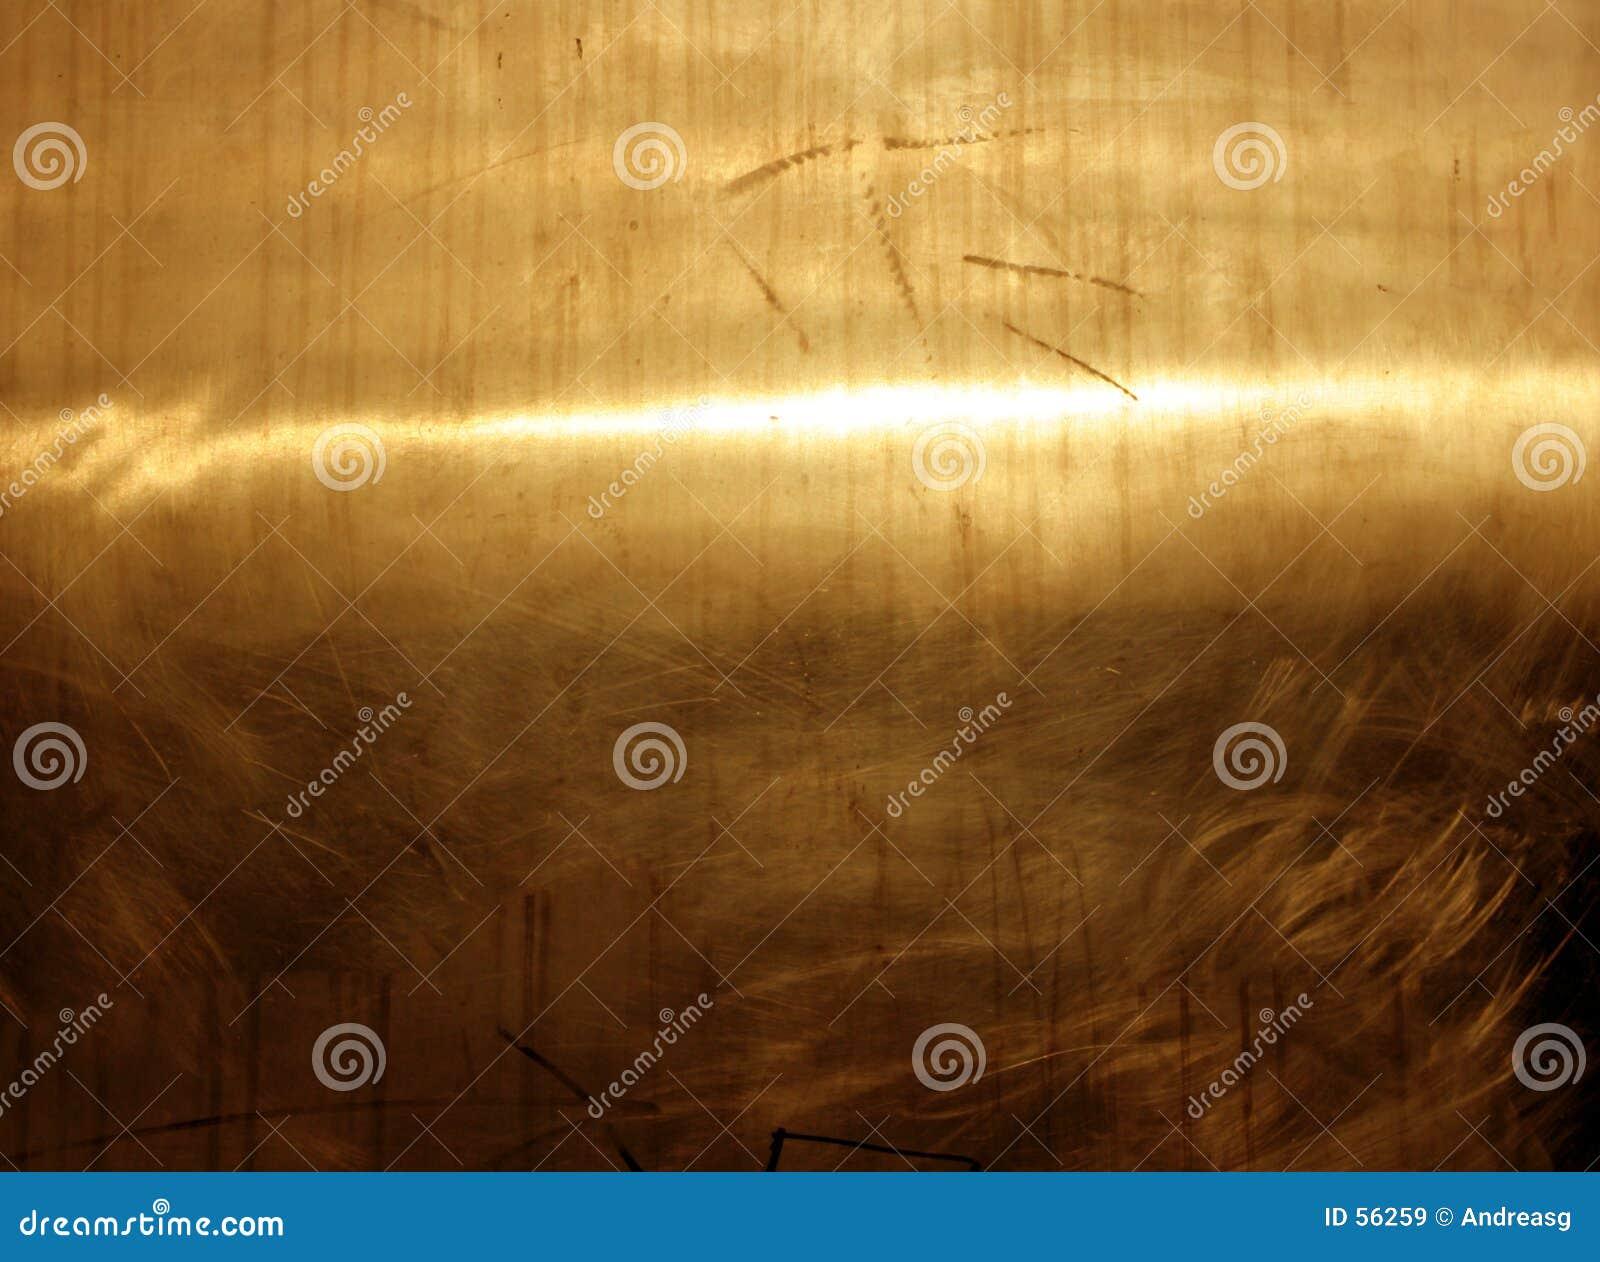 Download Plaque d'or 2 image stock. Image du fond, très, métal, reflétez - 56259